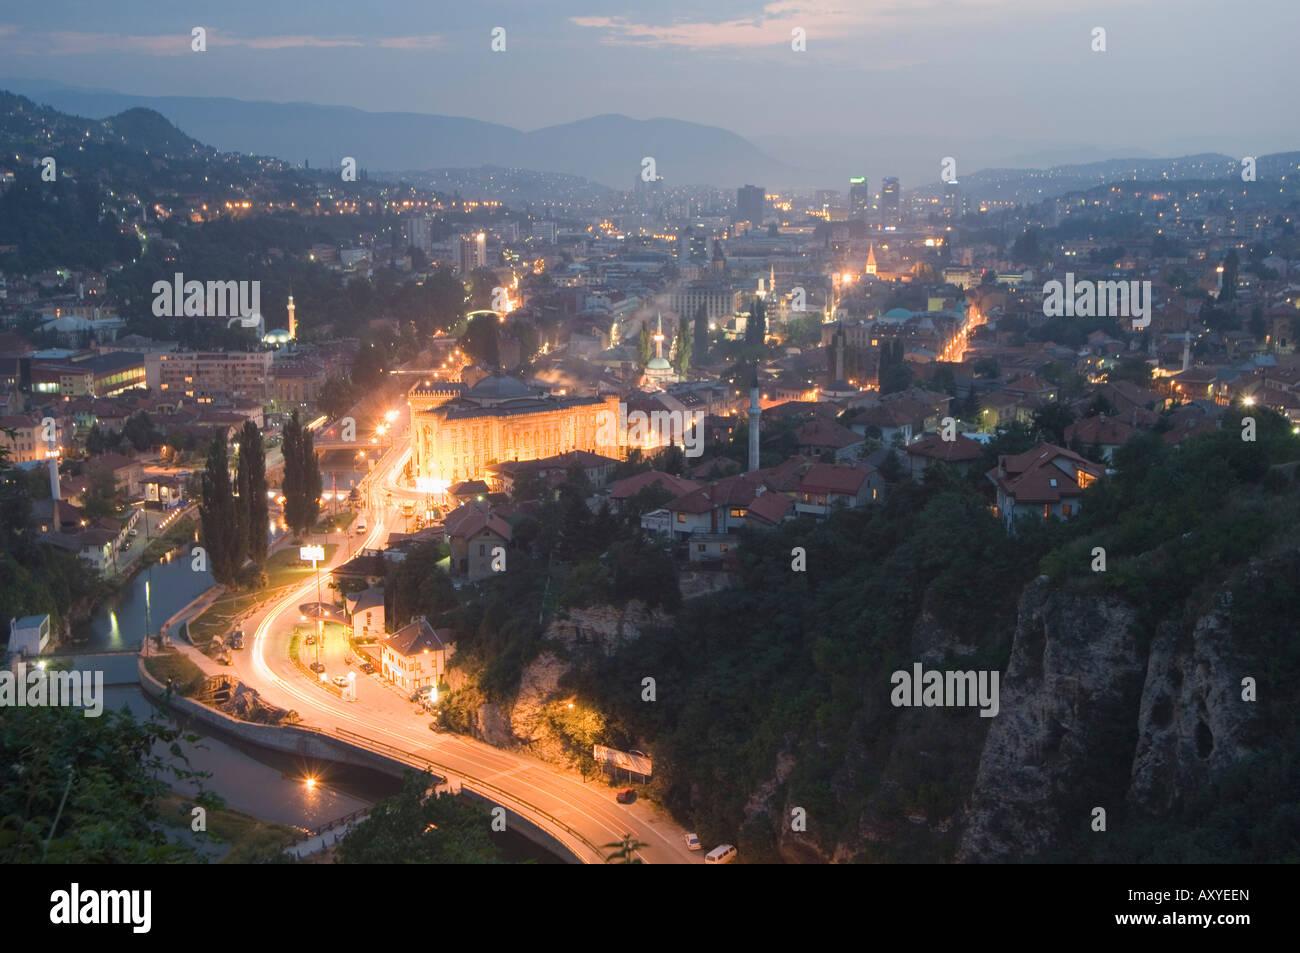 Panoramic night view of the city, Sarajevo, Bosnia, Bosnia-Herzegovina, Europe - Stock Image